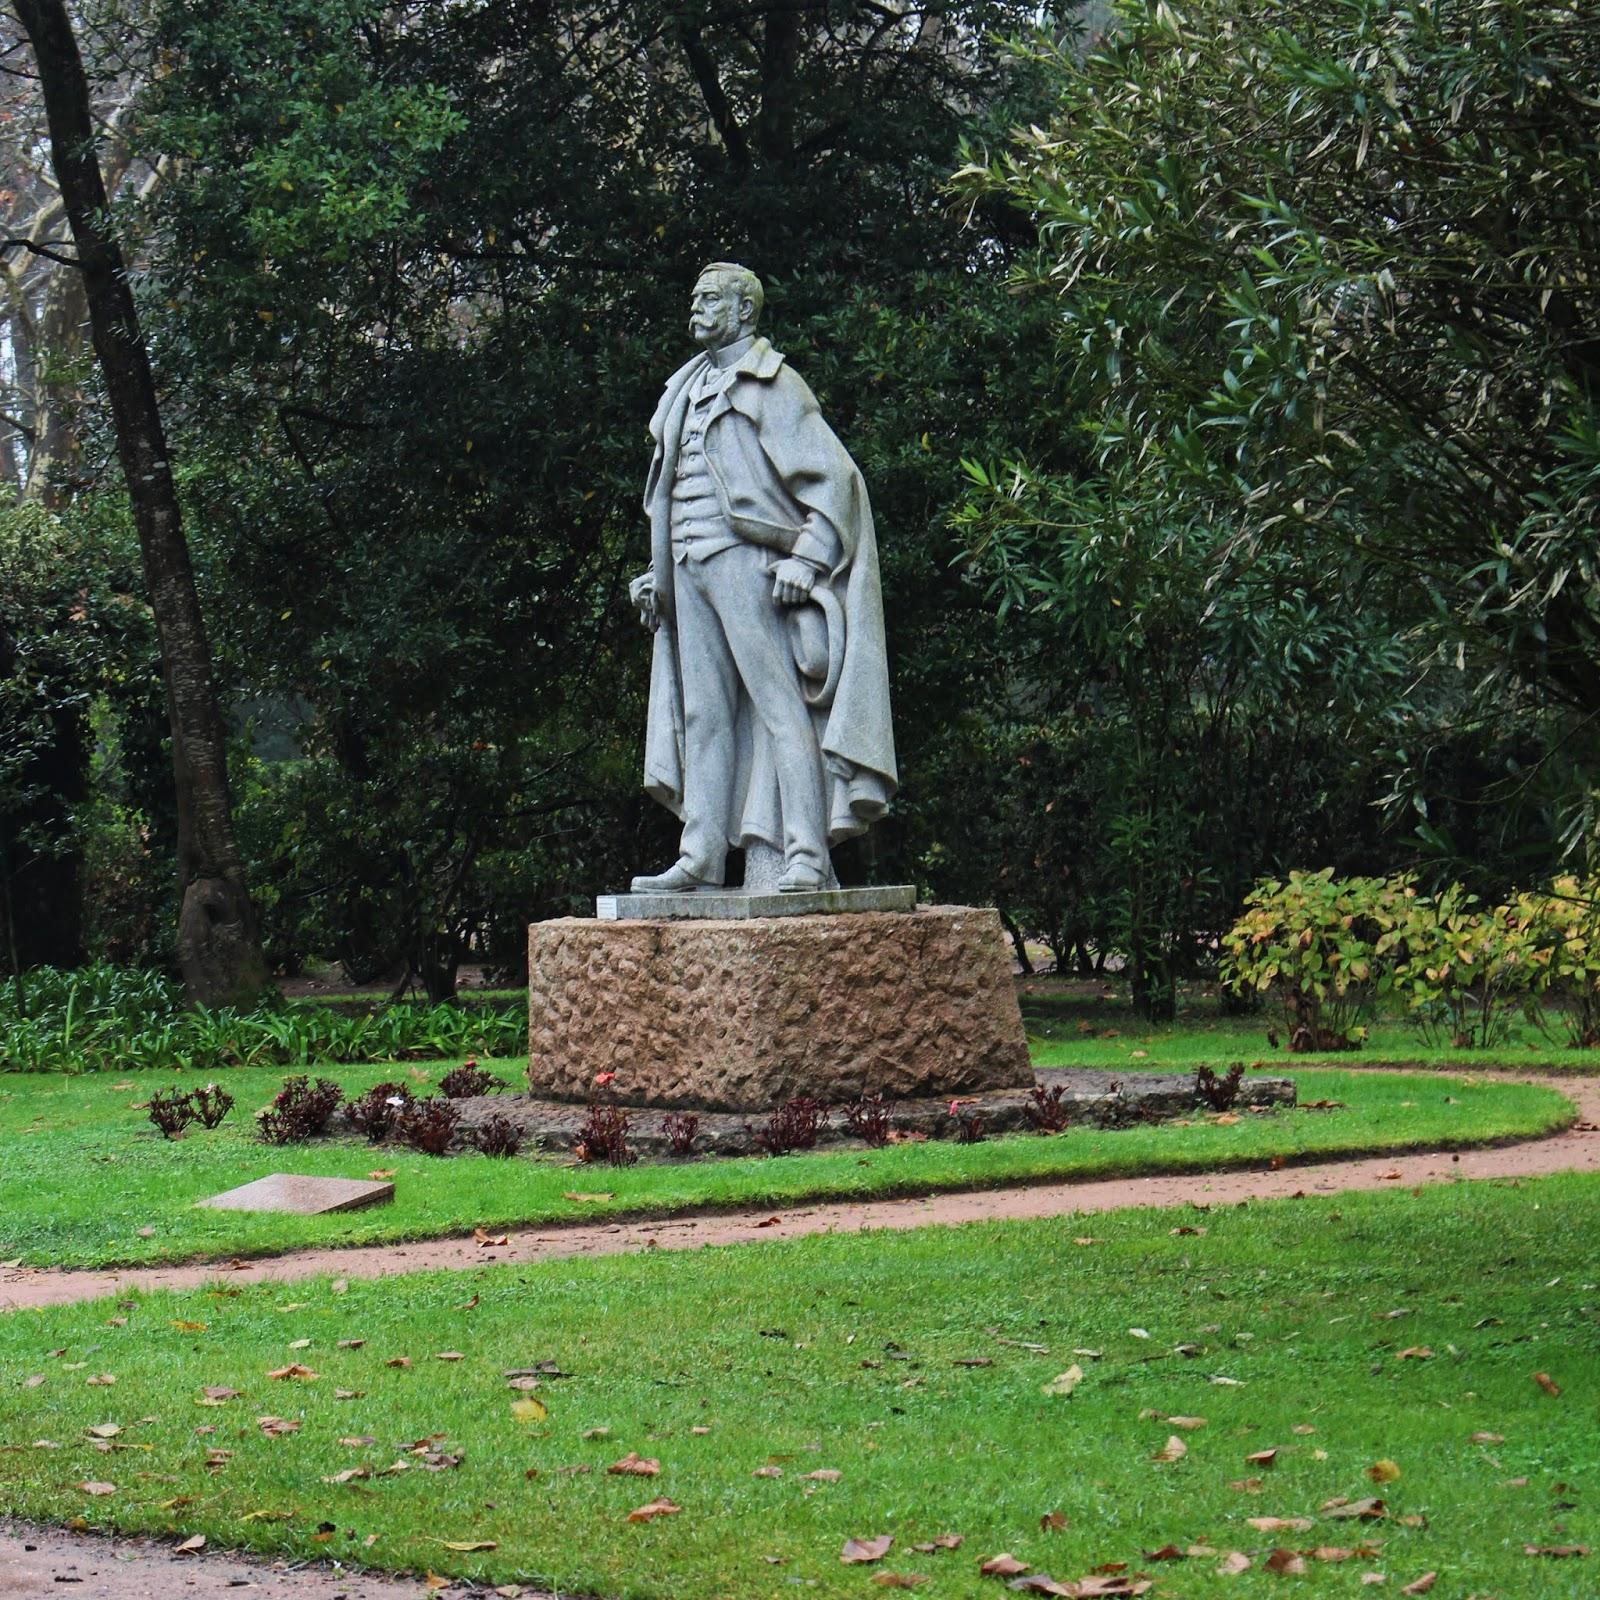 Esculturas do Parque do Carlos I